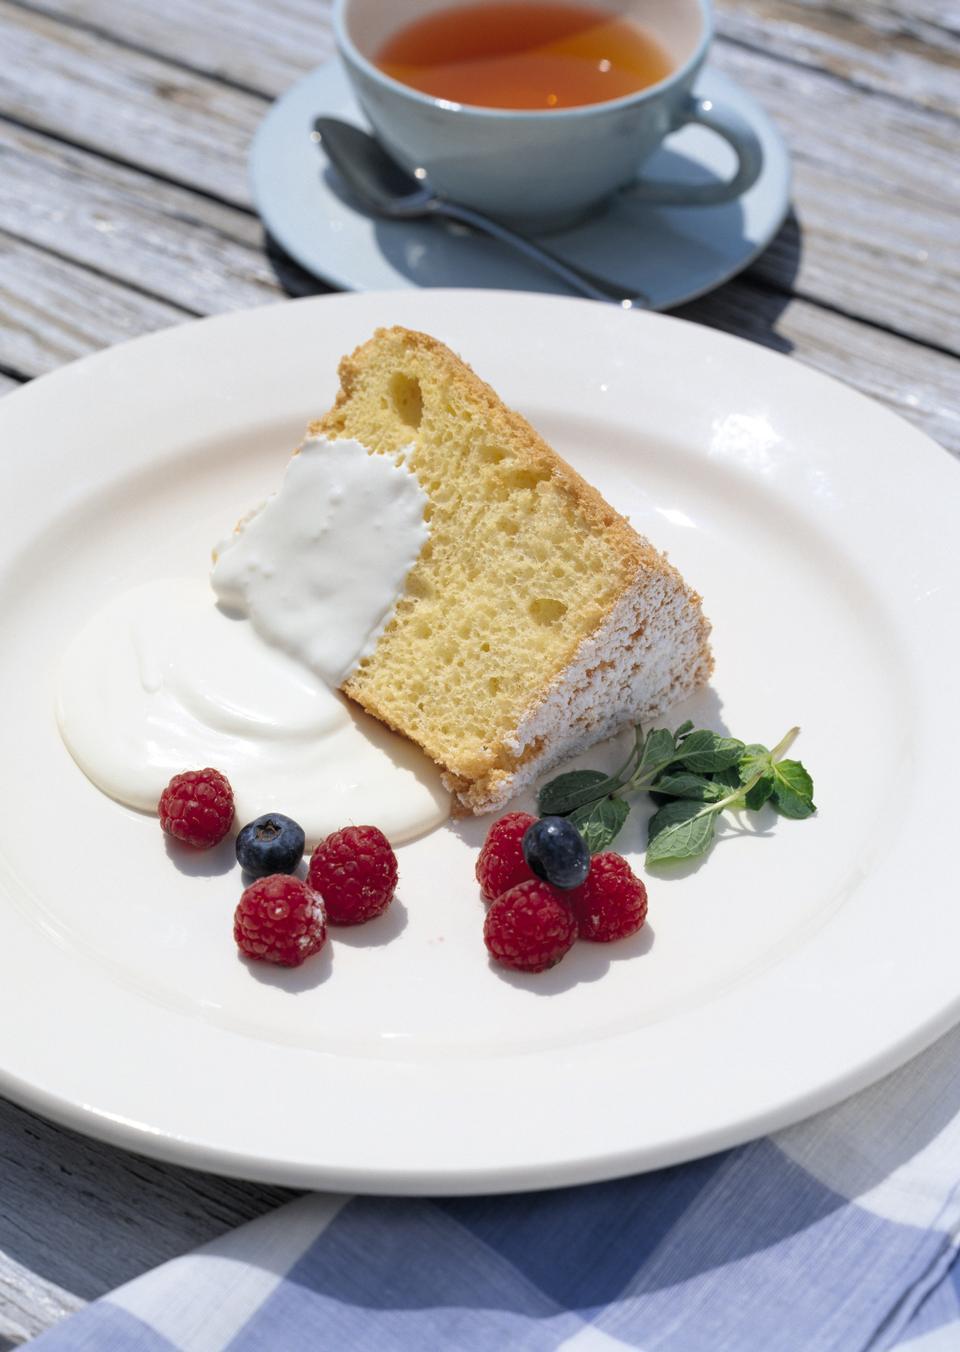 Victoria génoise à la crème, servi avec des framboises et thé